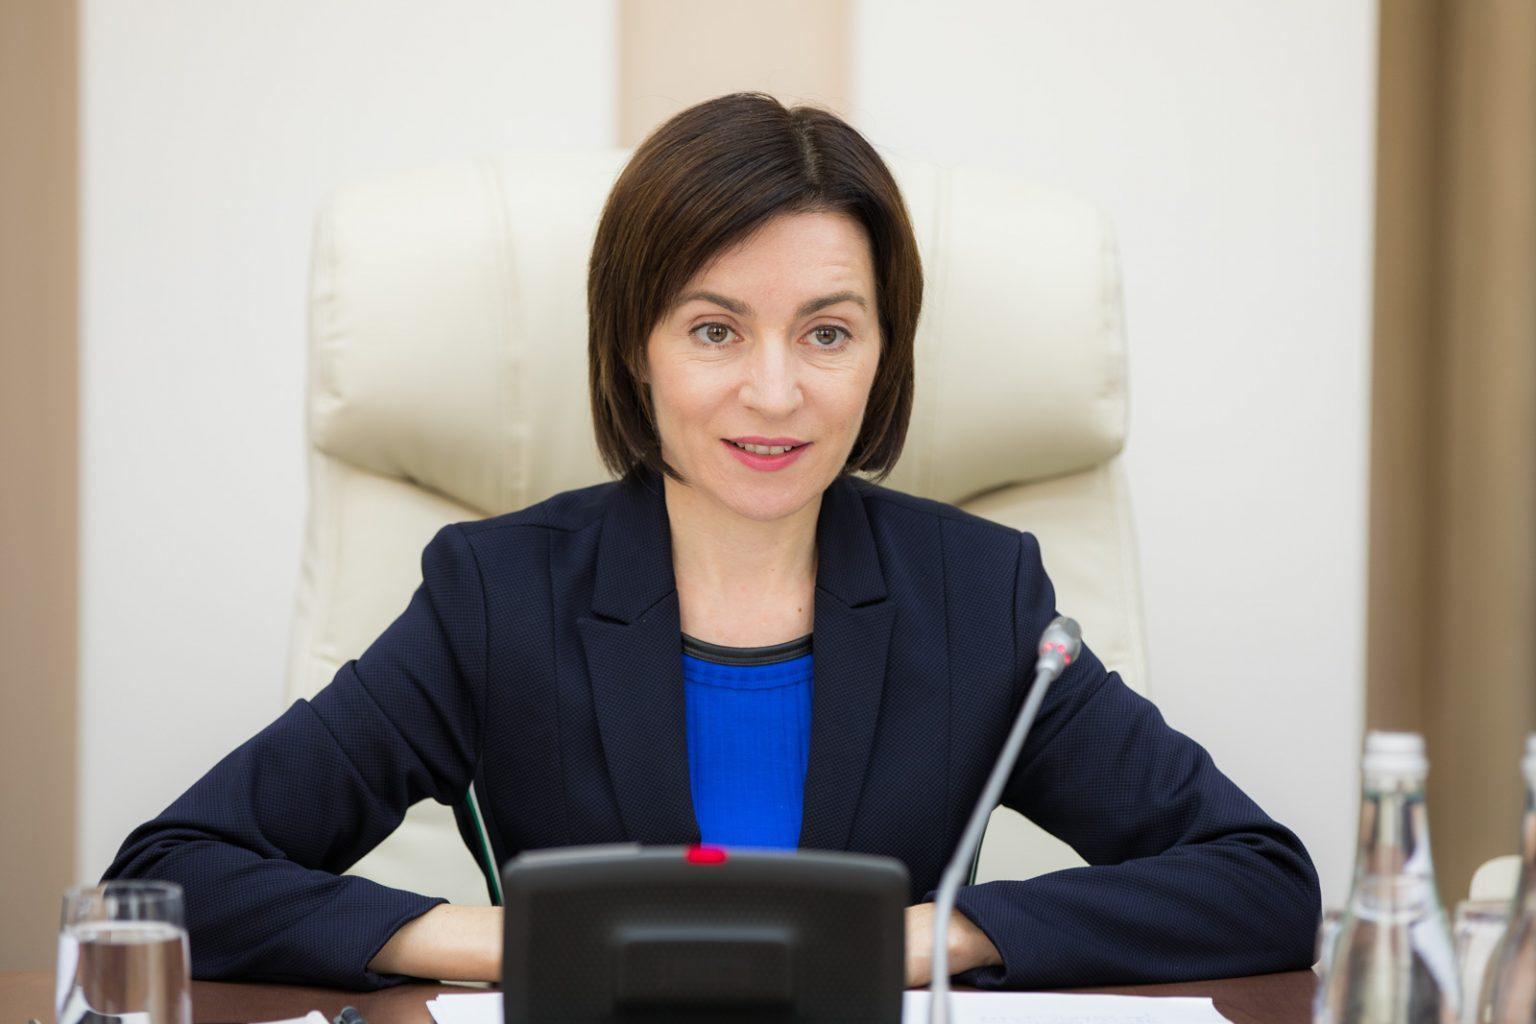 Cанду об избирательном блоке ПСРМ-ПКРМ: Это отчаяние, а не стратегия